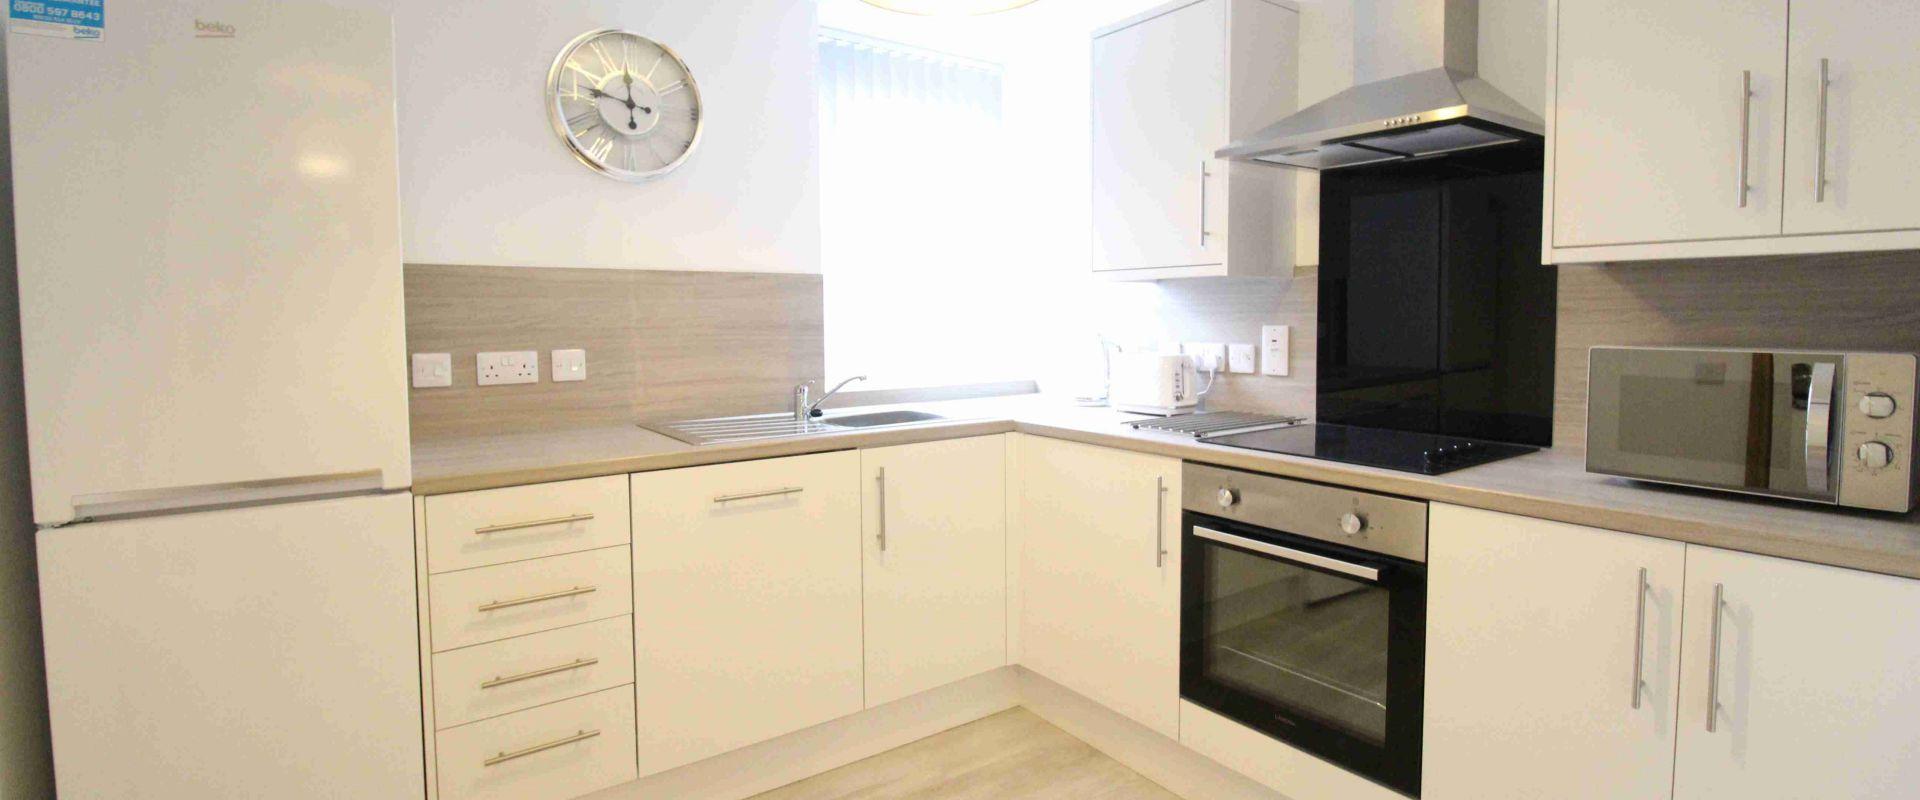 ARD-Properties-Development-Sites-Buy-Homes-Rent-Aberdeenshire-Rentals-Apartment-B-Loanhead-Terrace-Aberdeen-Banner (5)